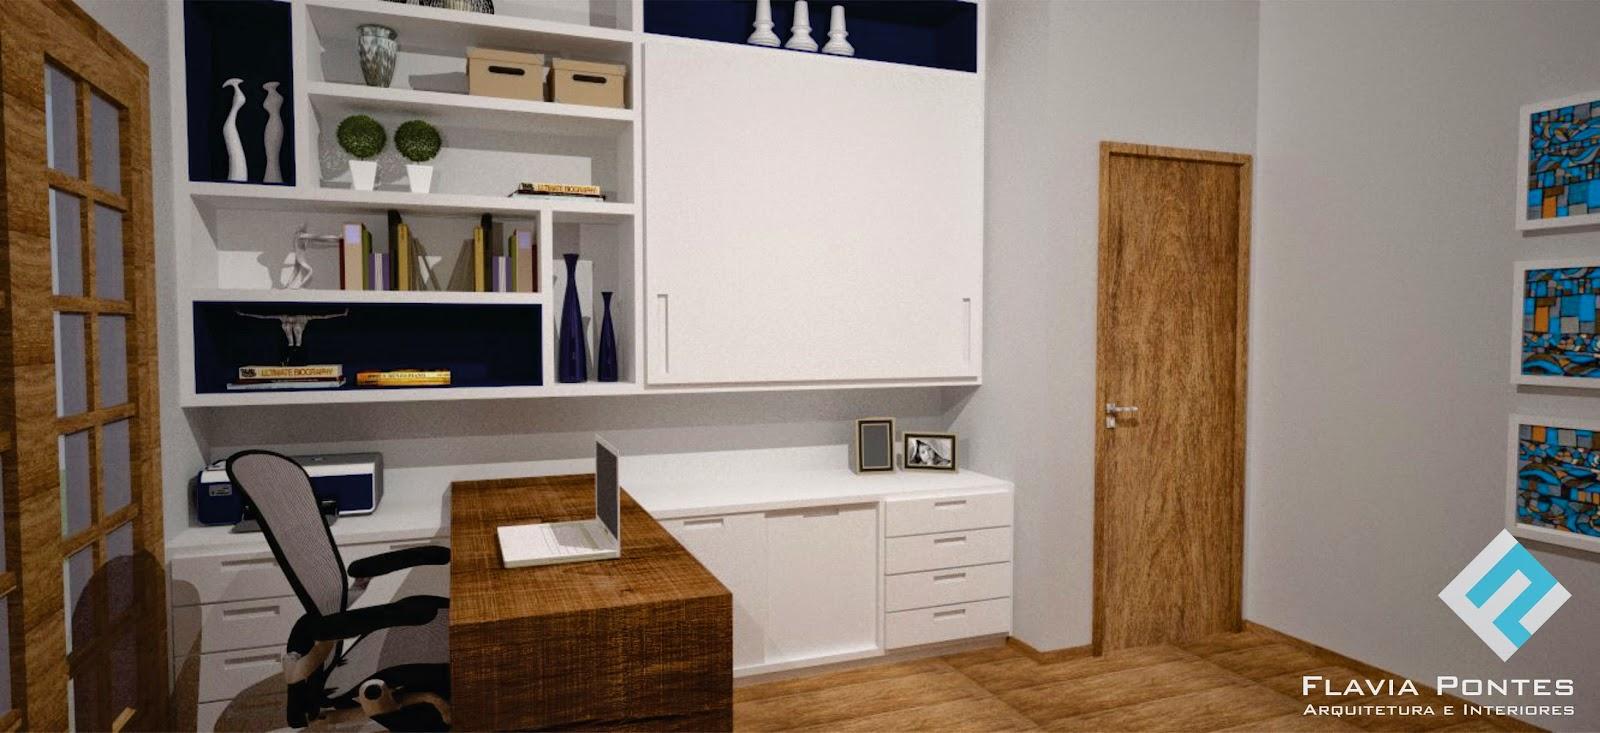 Home Office E Quarto De Visita Redival Com ~ Quarto De Hospede E Escritorio No Mesmo Ambiente